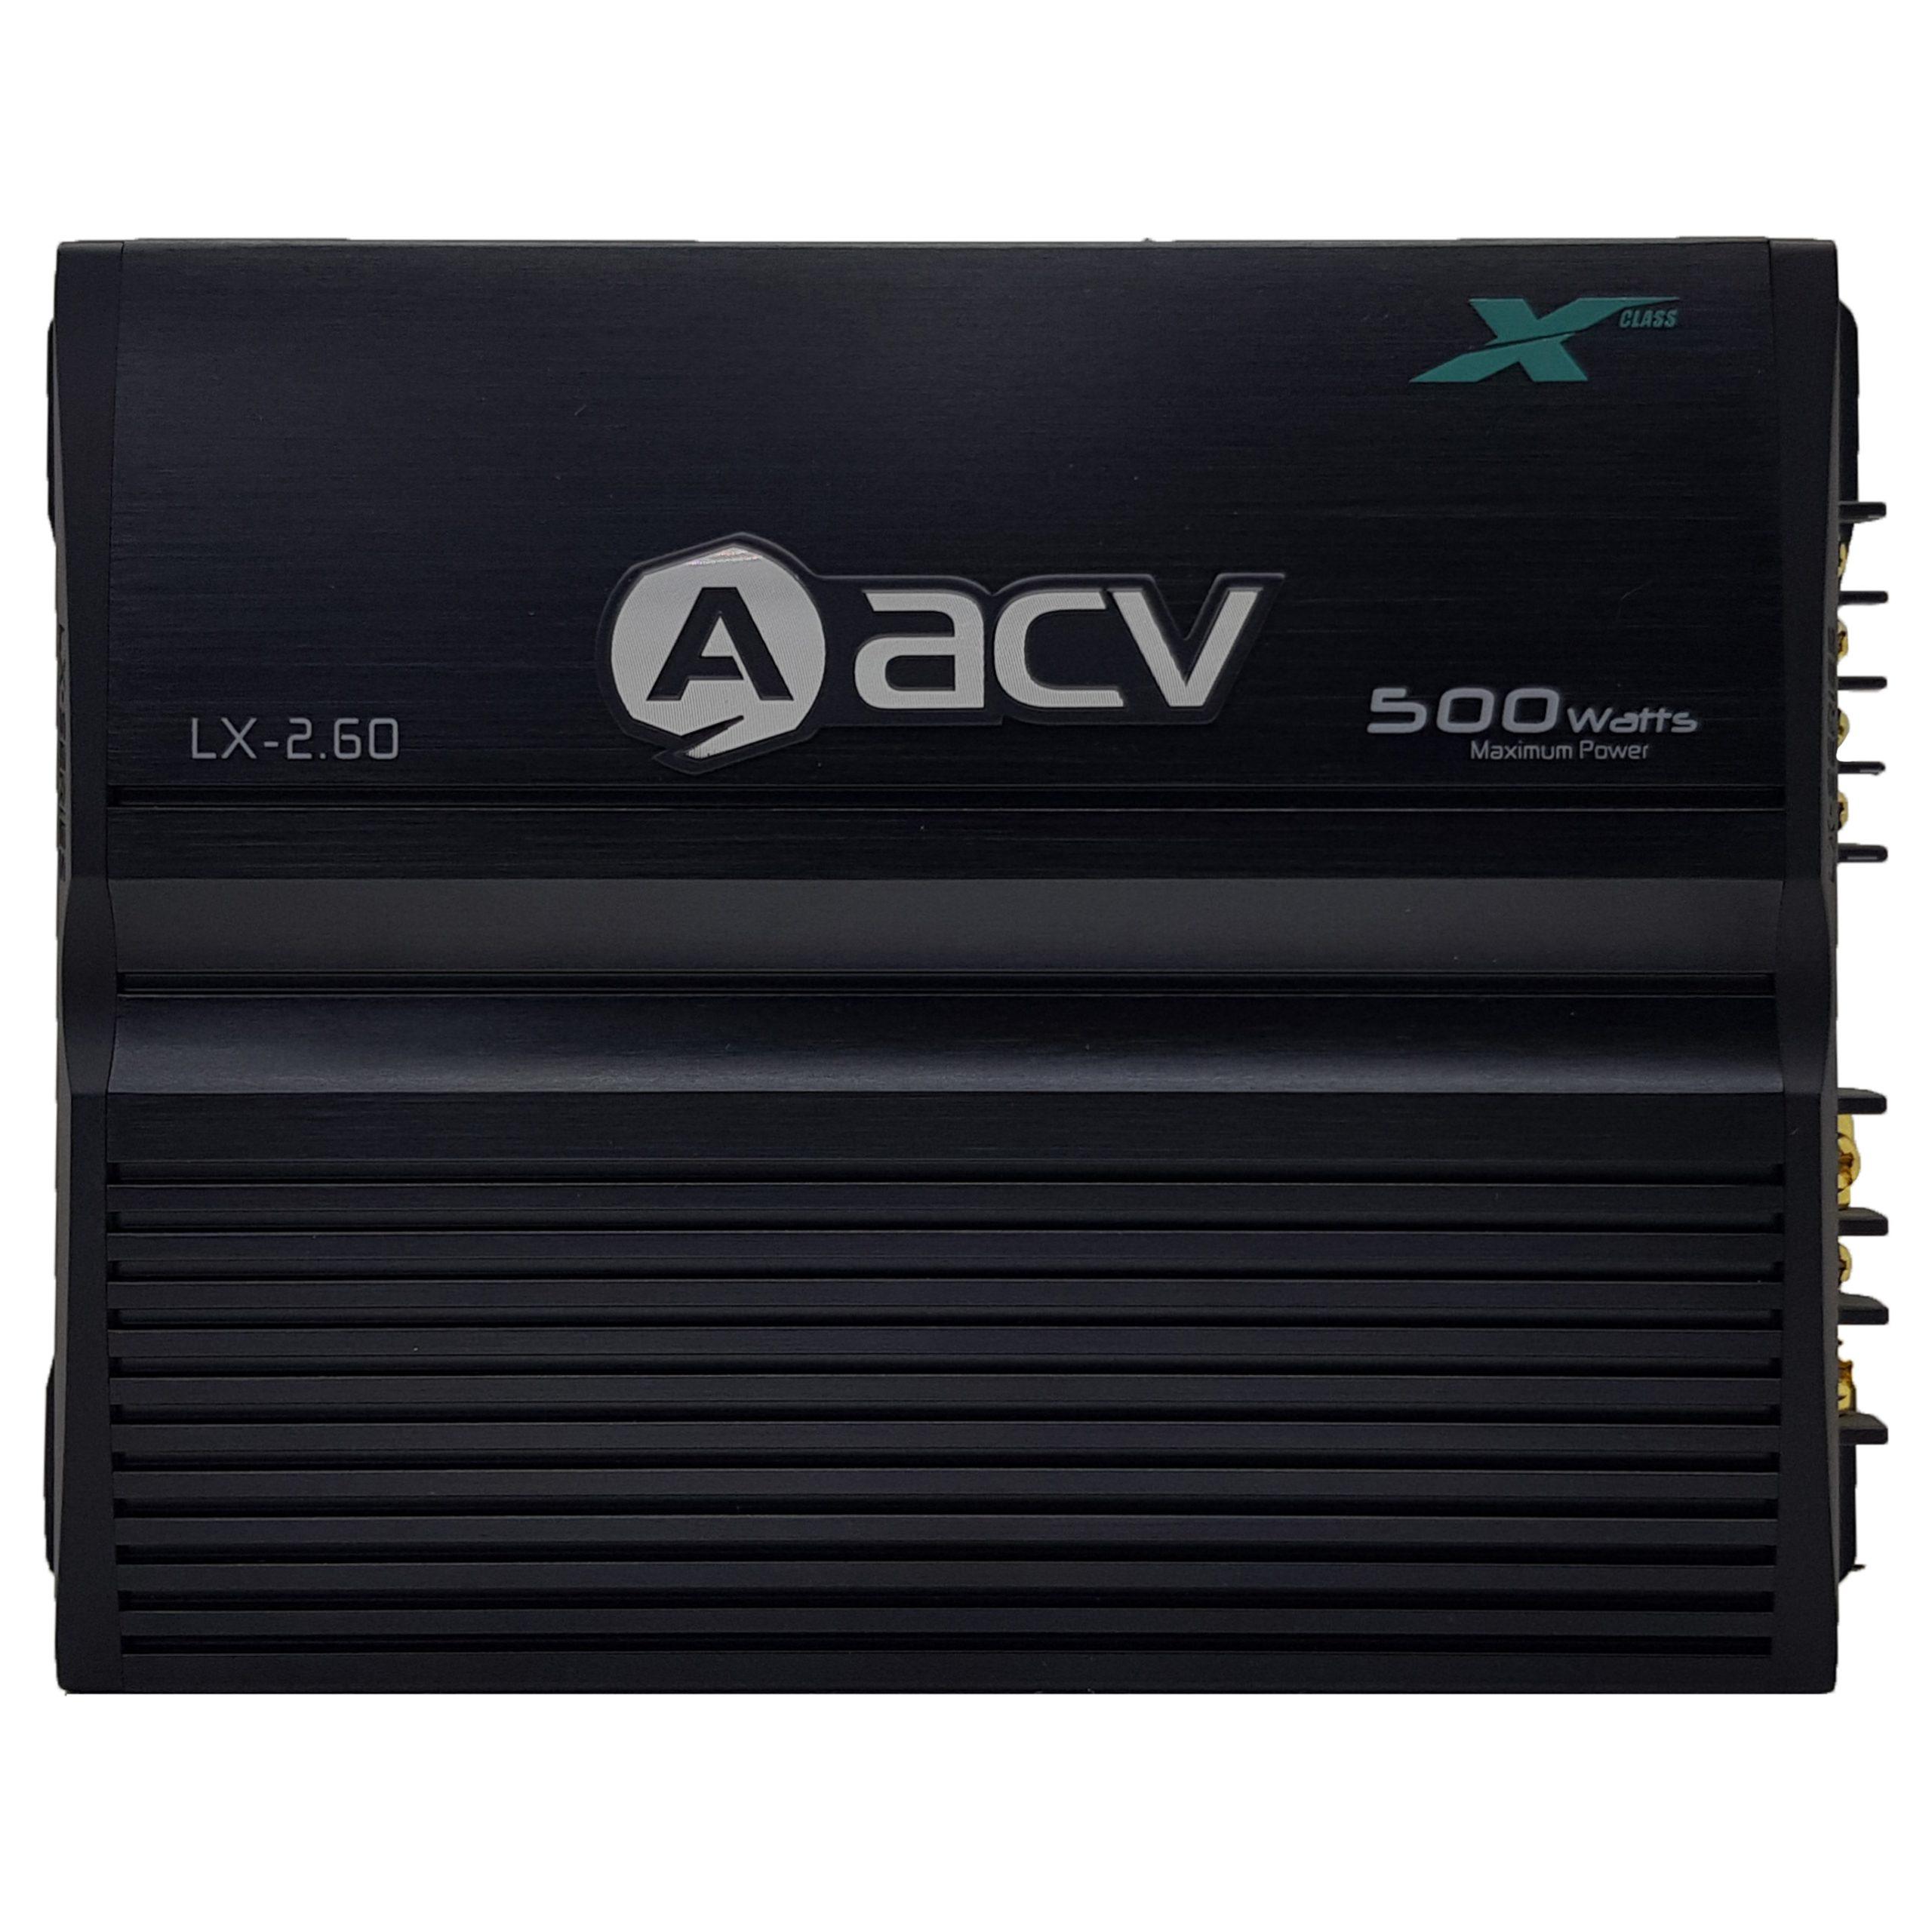 acv-lx-2.60-scaled-1.jpg